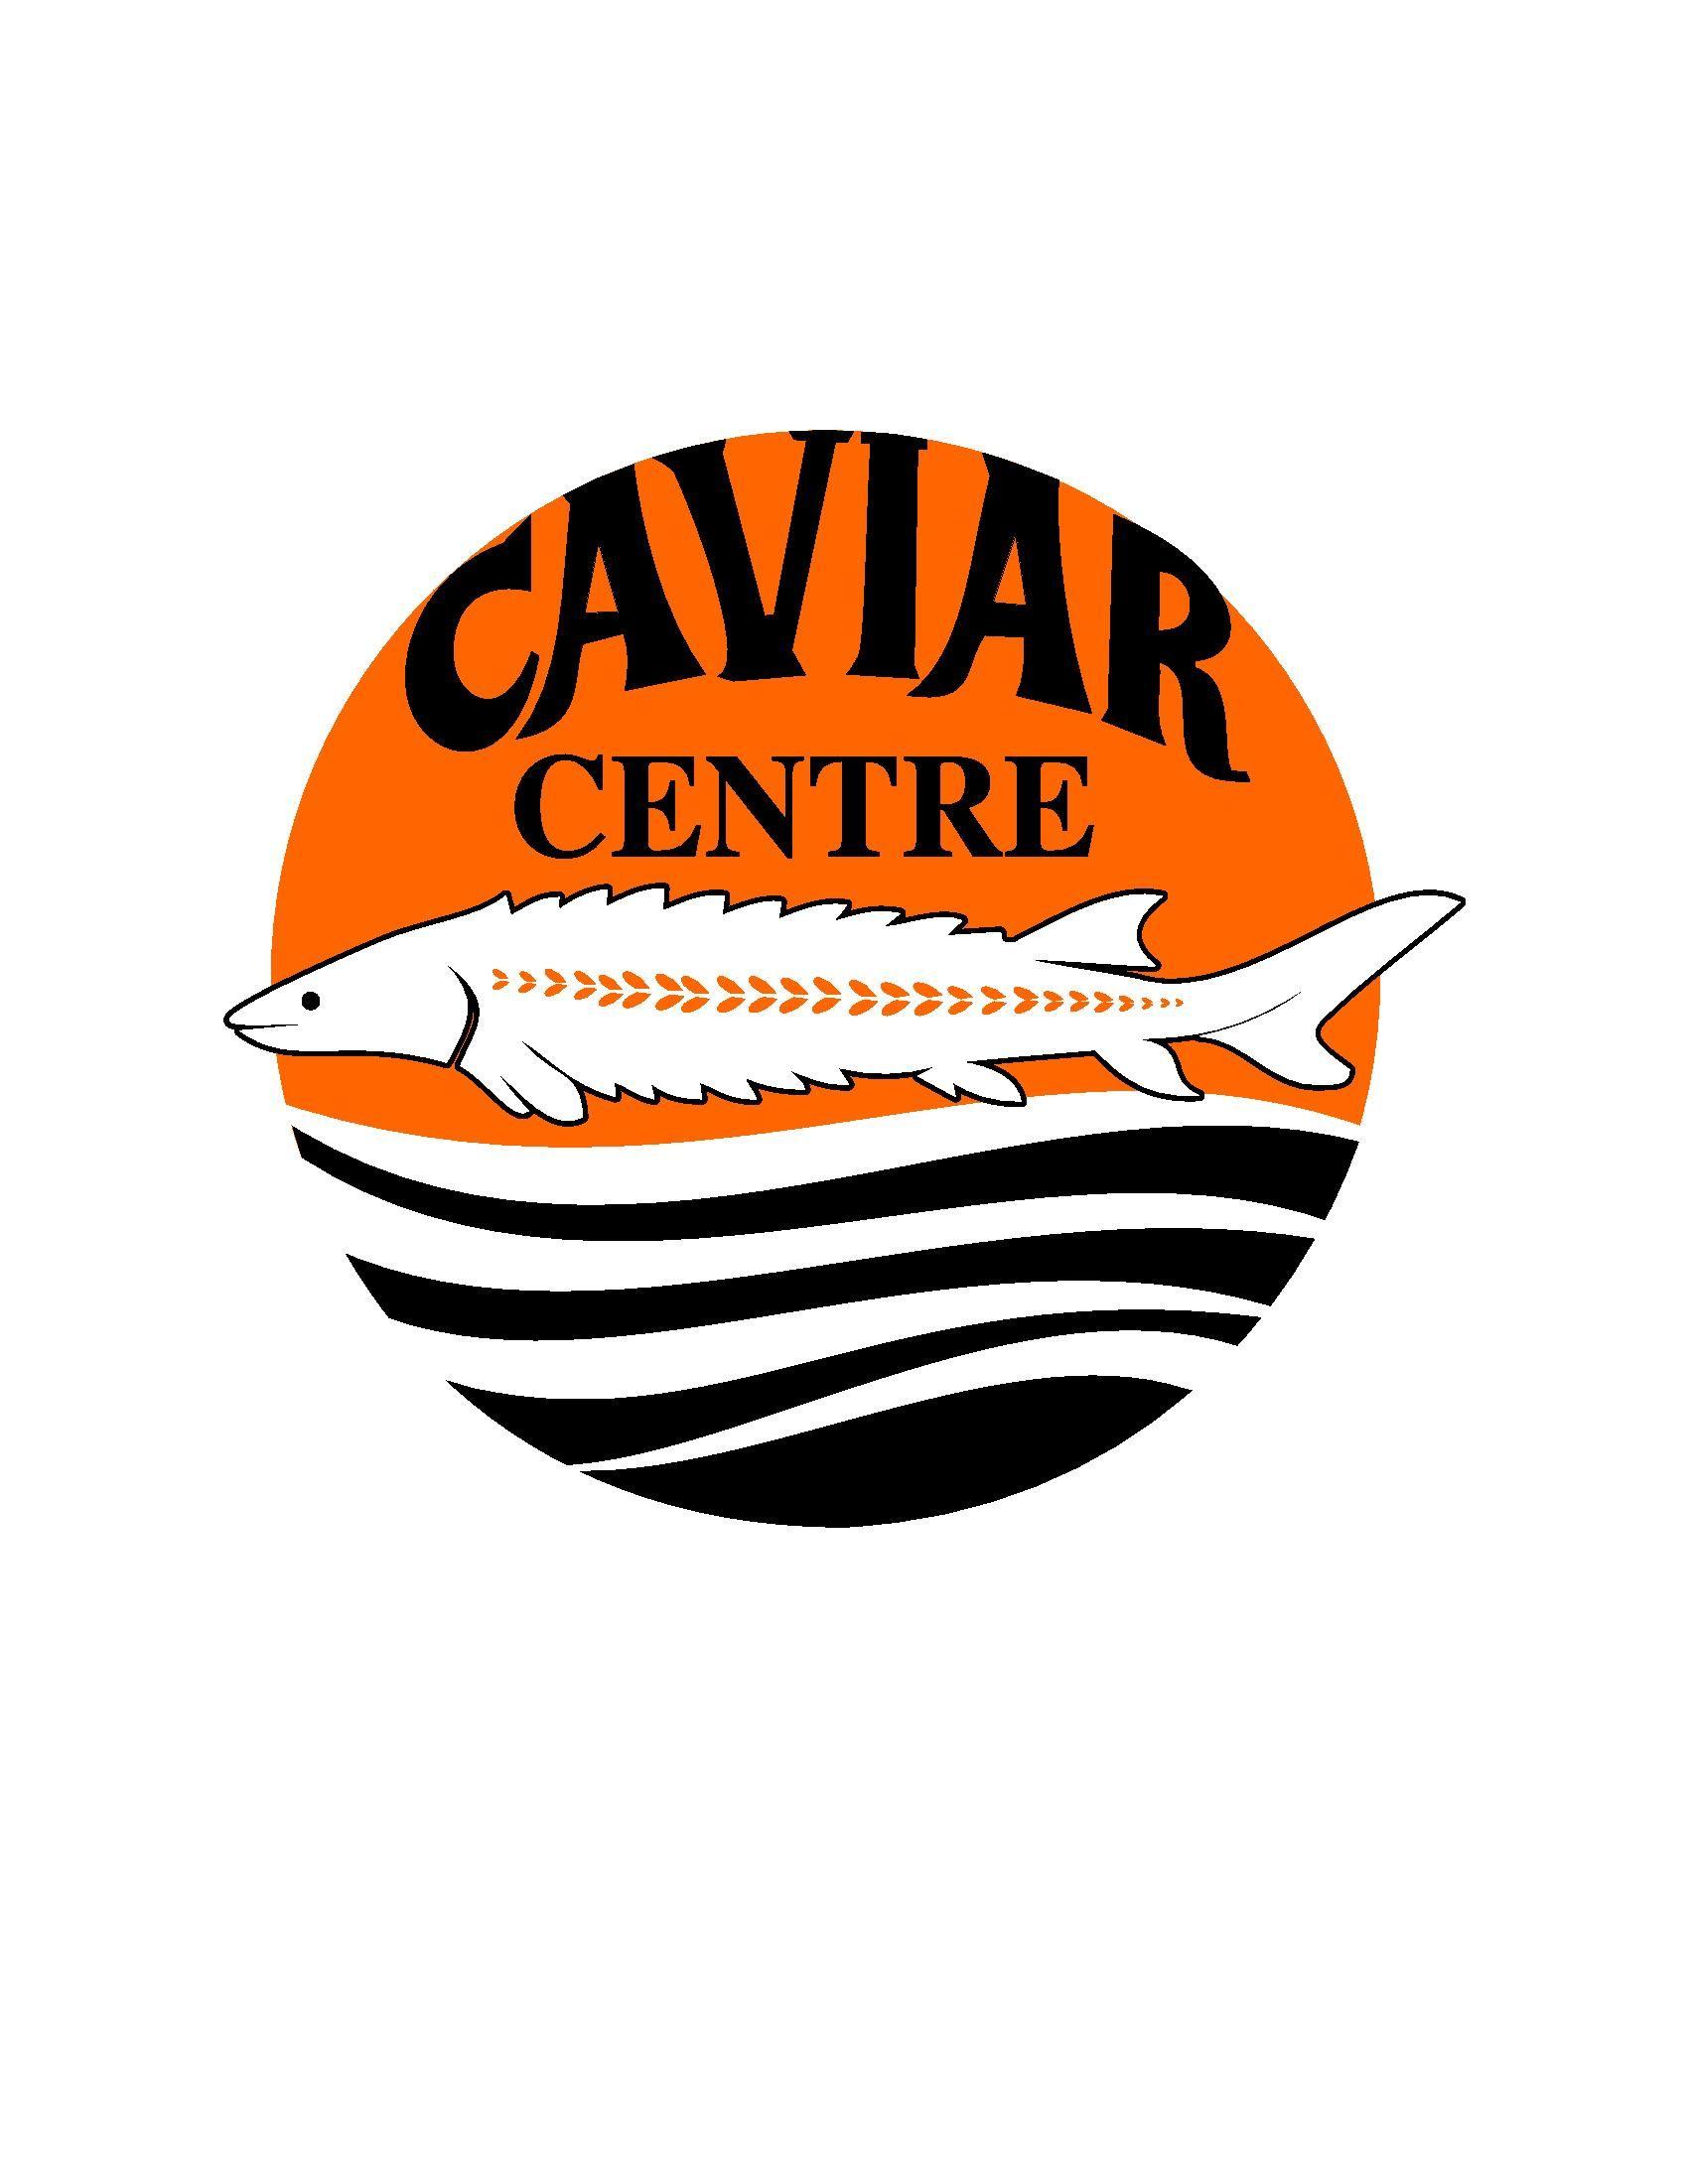 Caviar Centre Inc